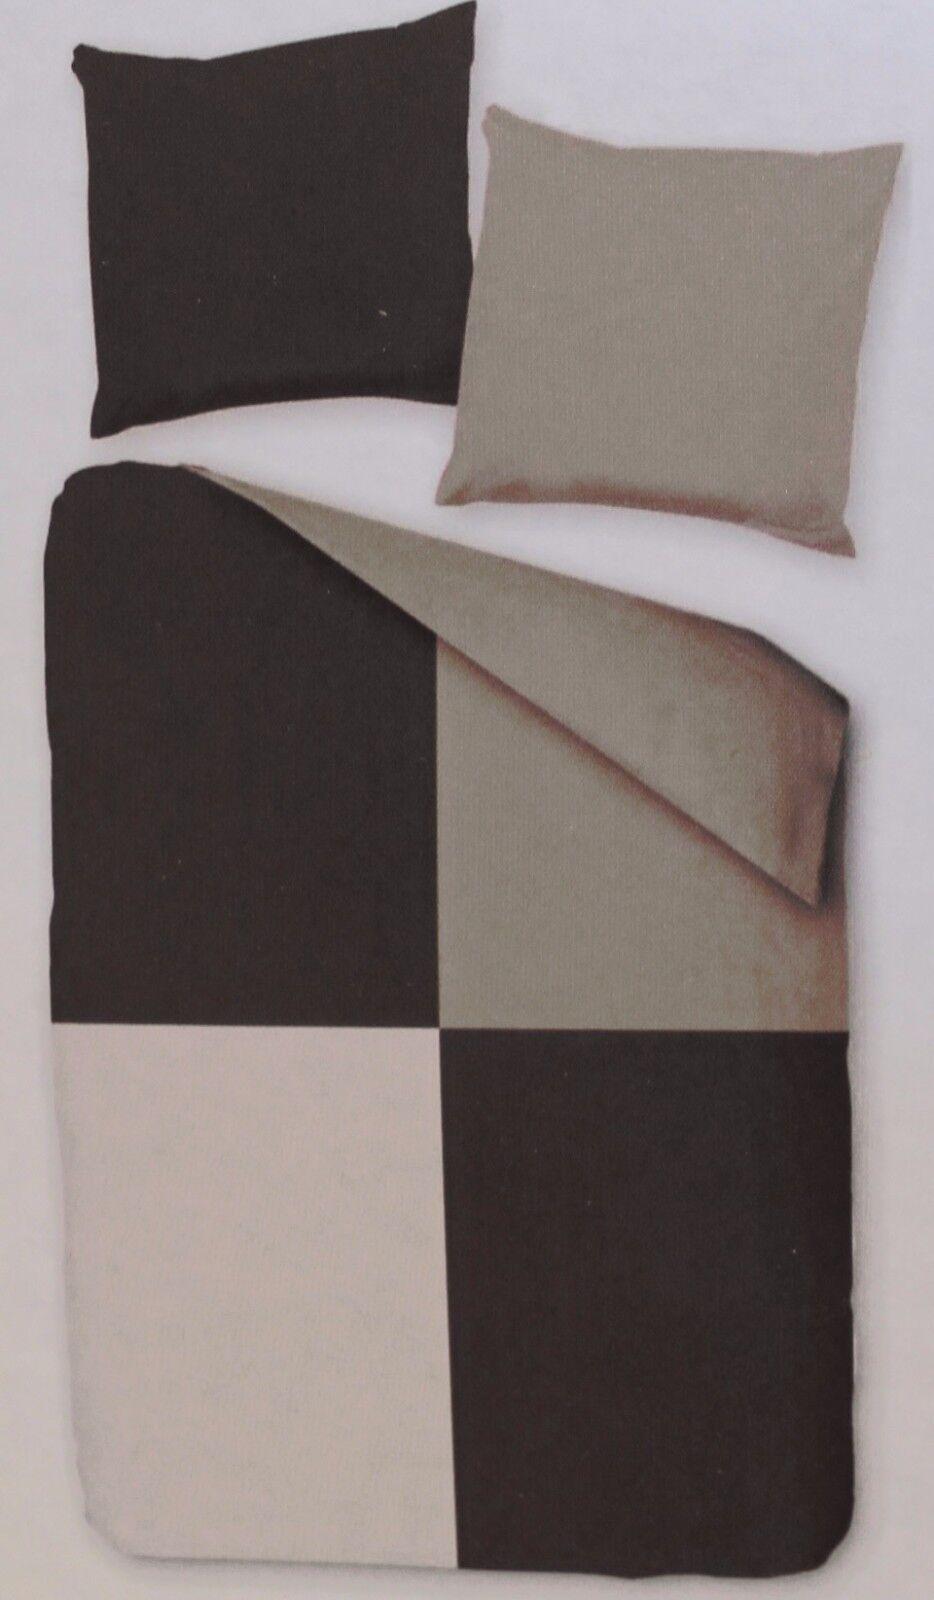 Fleece Wende Bettwäsche übergröße 155x220 80x80cm Grau 2 Od4 Tlg